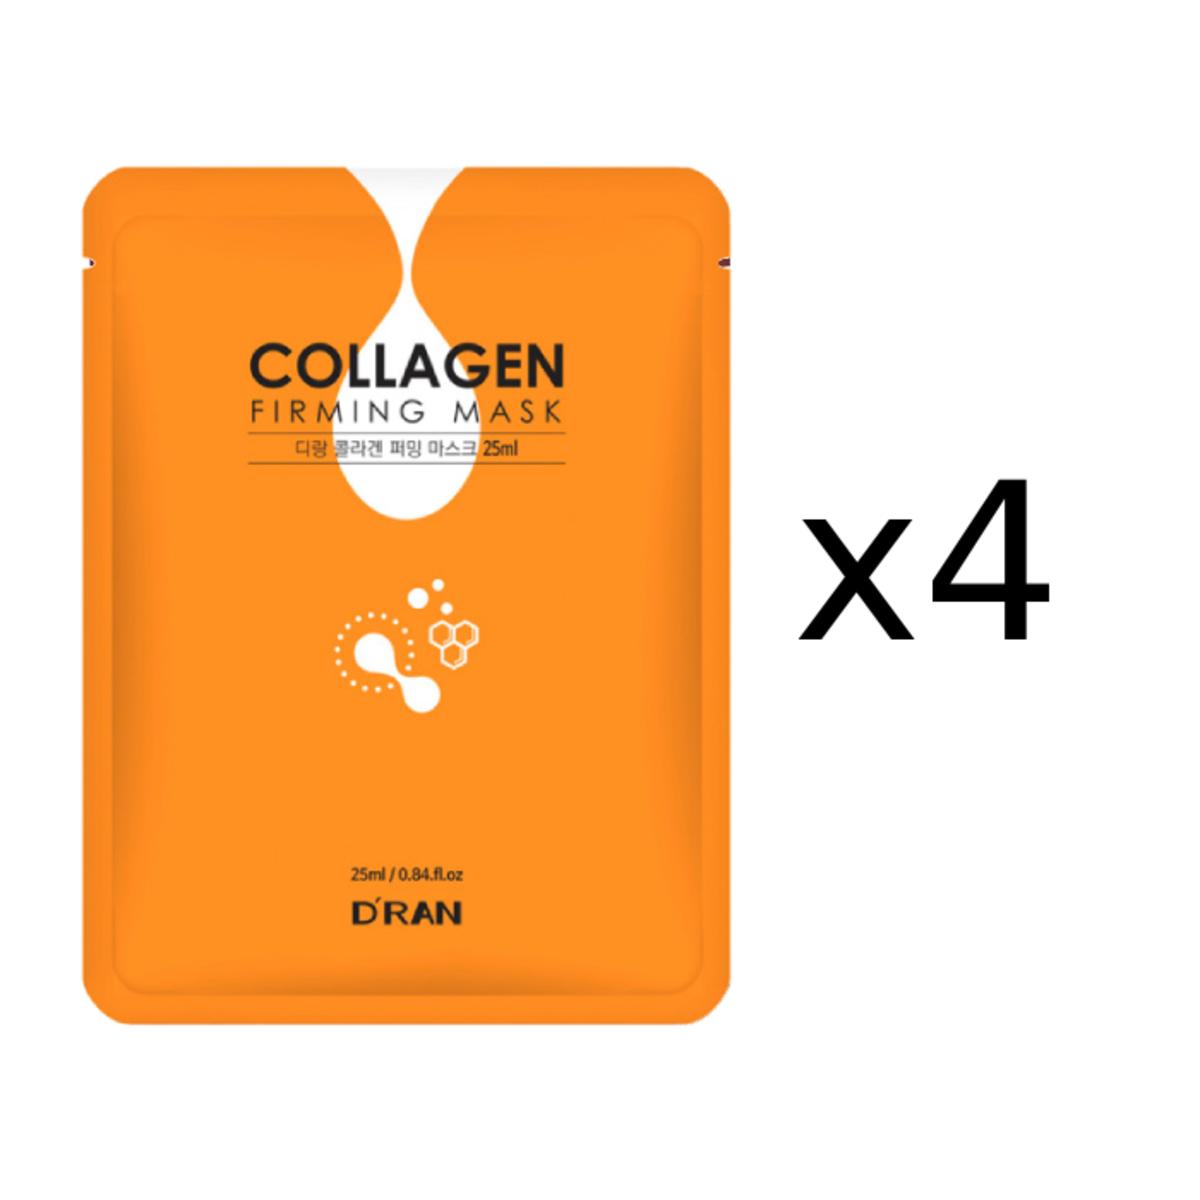 【4盒優惠】膠原蛋白面膜 - 25毫升 (10片) (有效日期:07/2019)